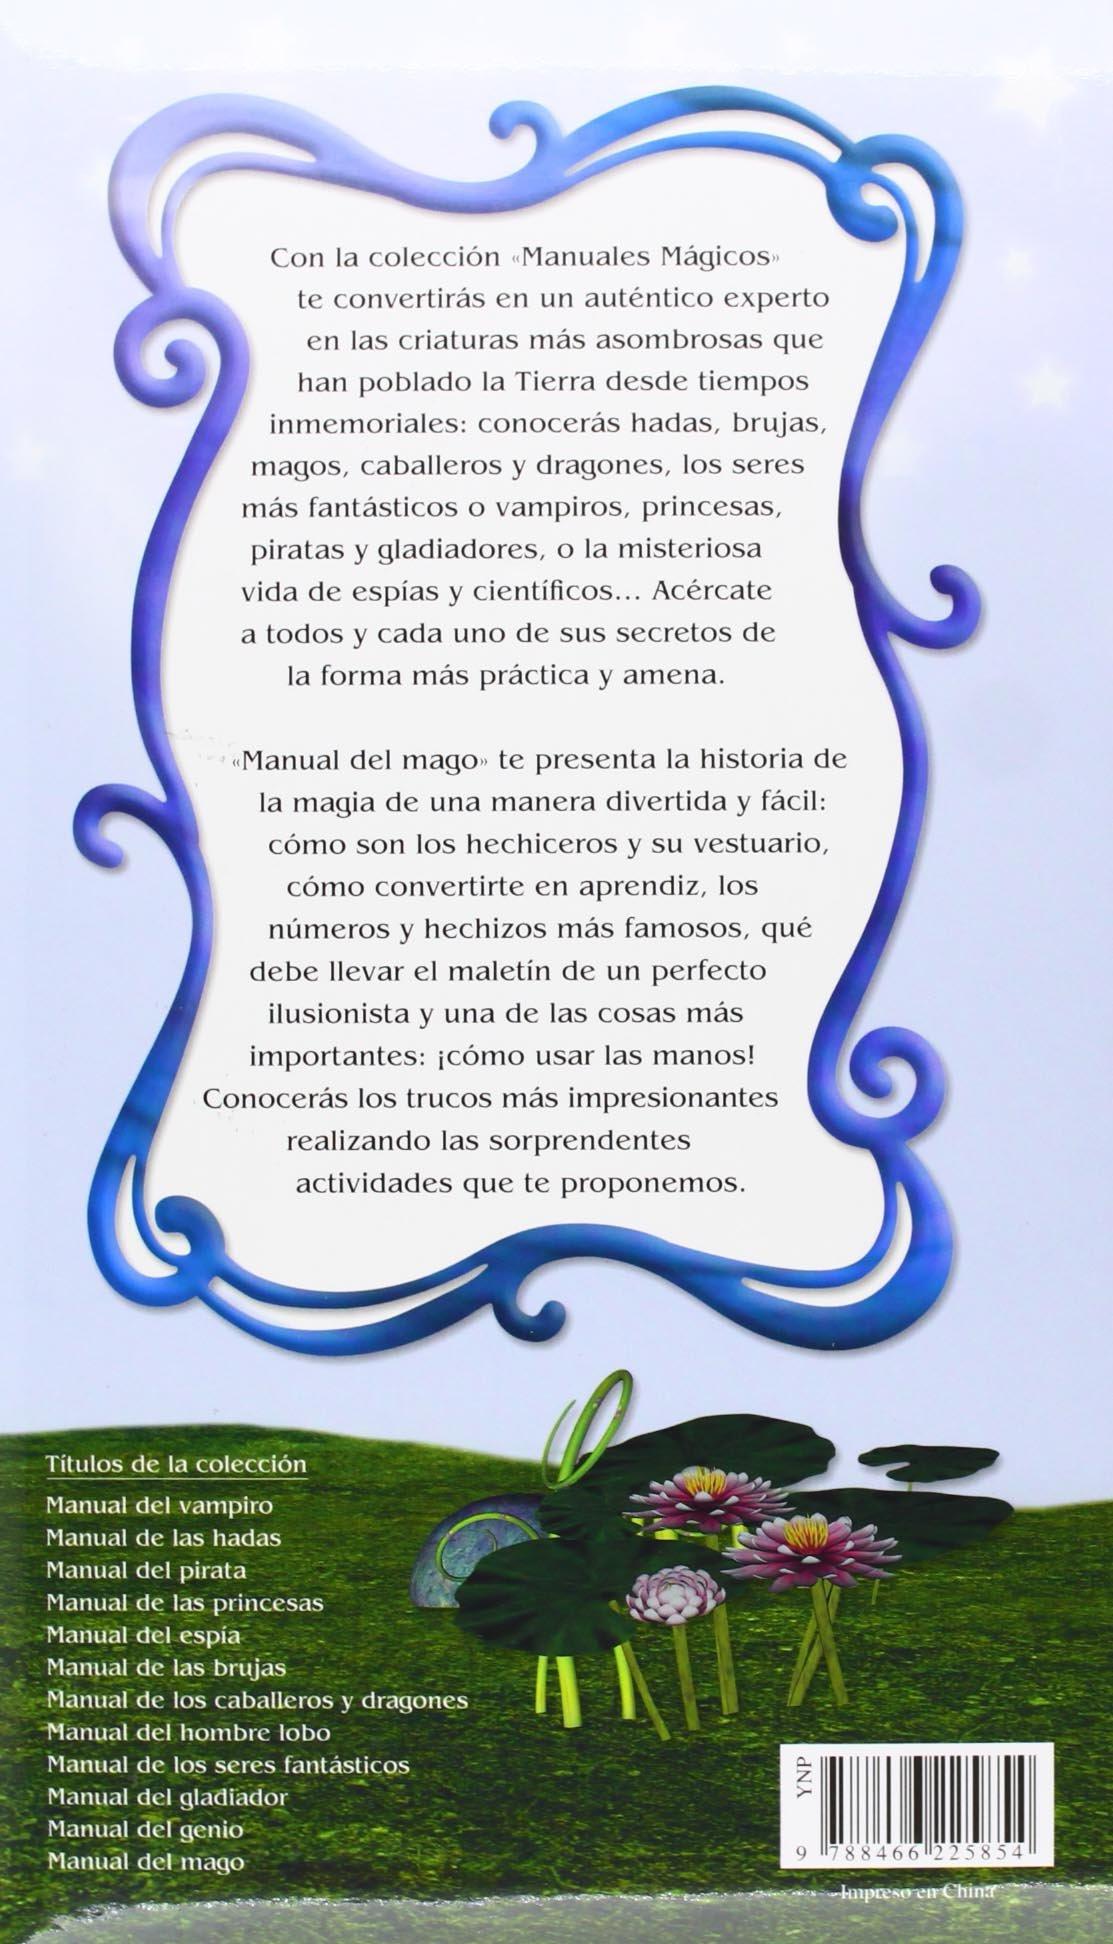 Manual De Mago (Manuales Mágicos): Amazon.es: Alejandra Ramírez, Agustín  Celis: Libros